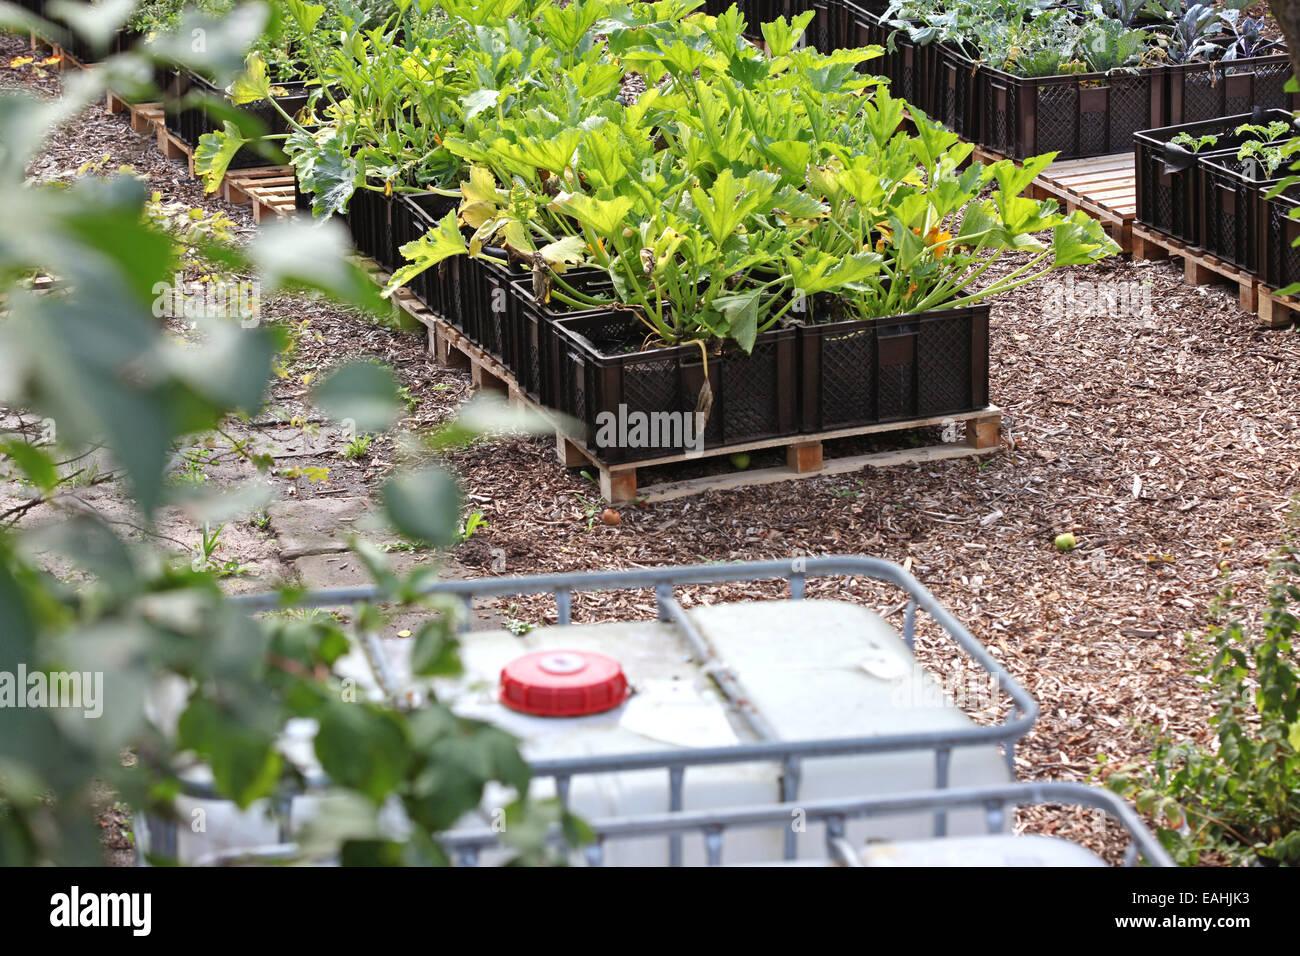 Calabacín y otras verduras cultivadas en planta de cajas en un proyecto de horticultura urbana en Alemania Foto de stock